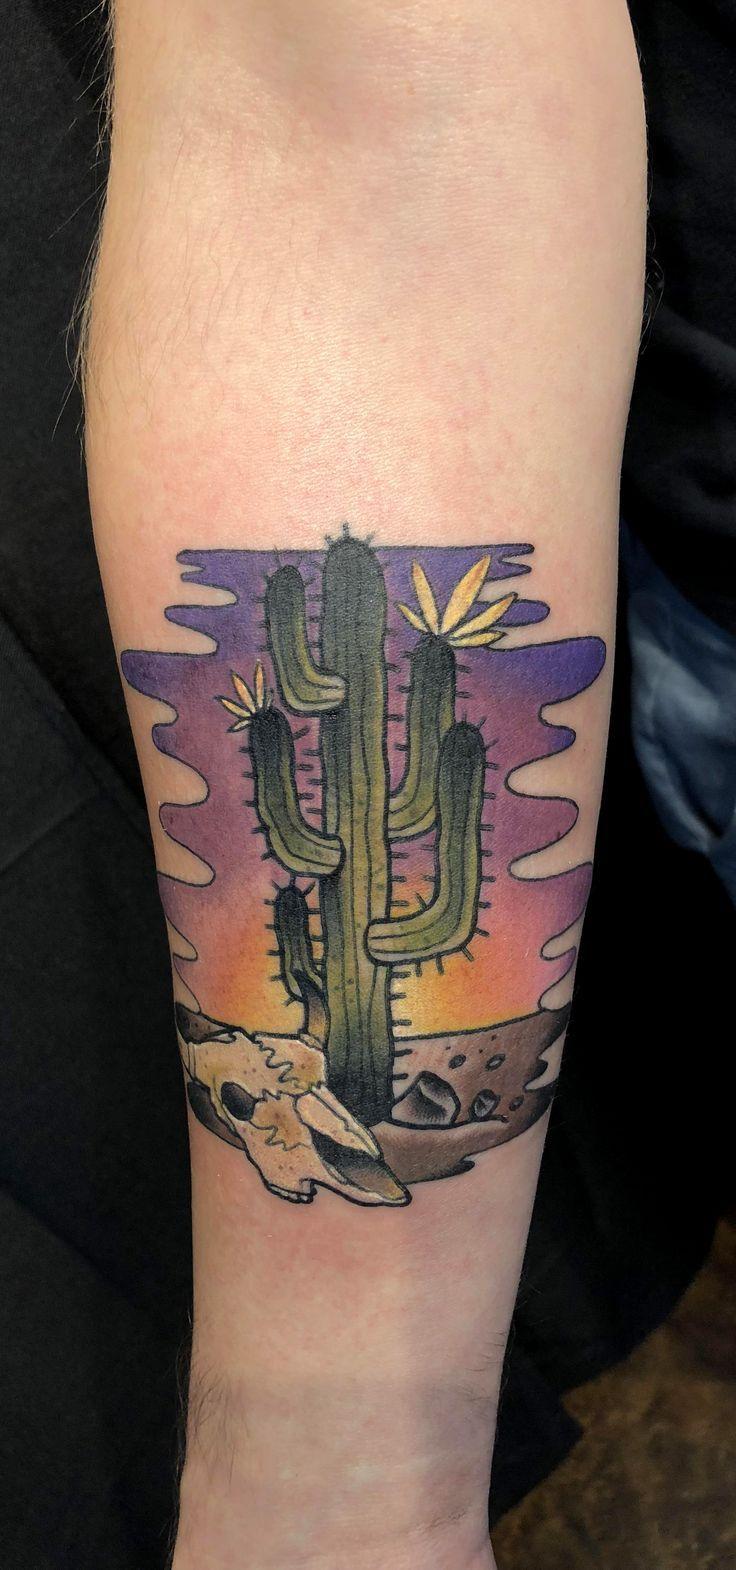 tattoo shops in chandler az